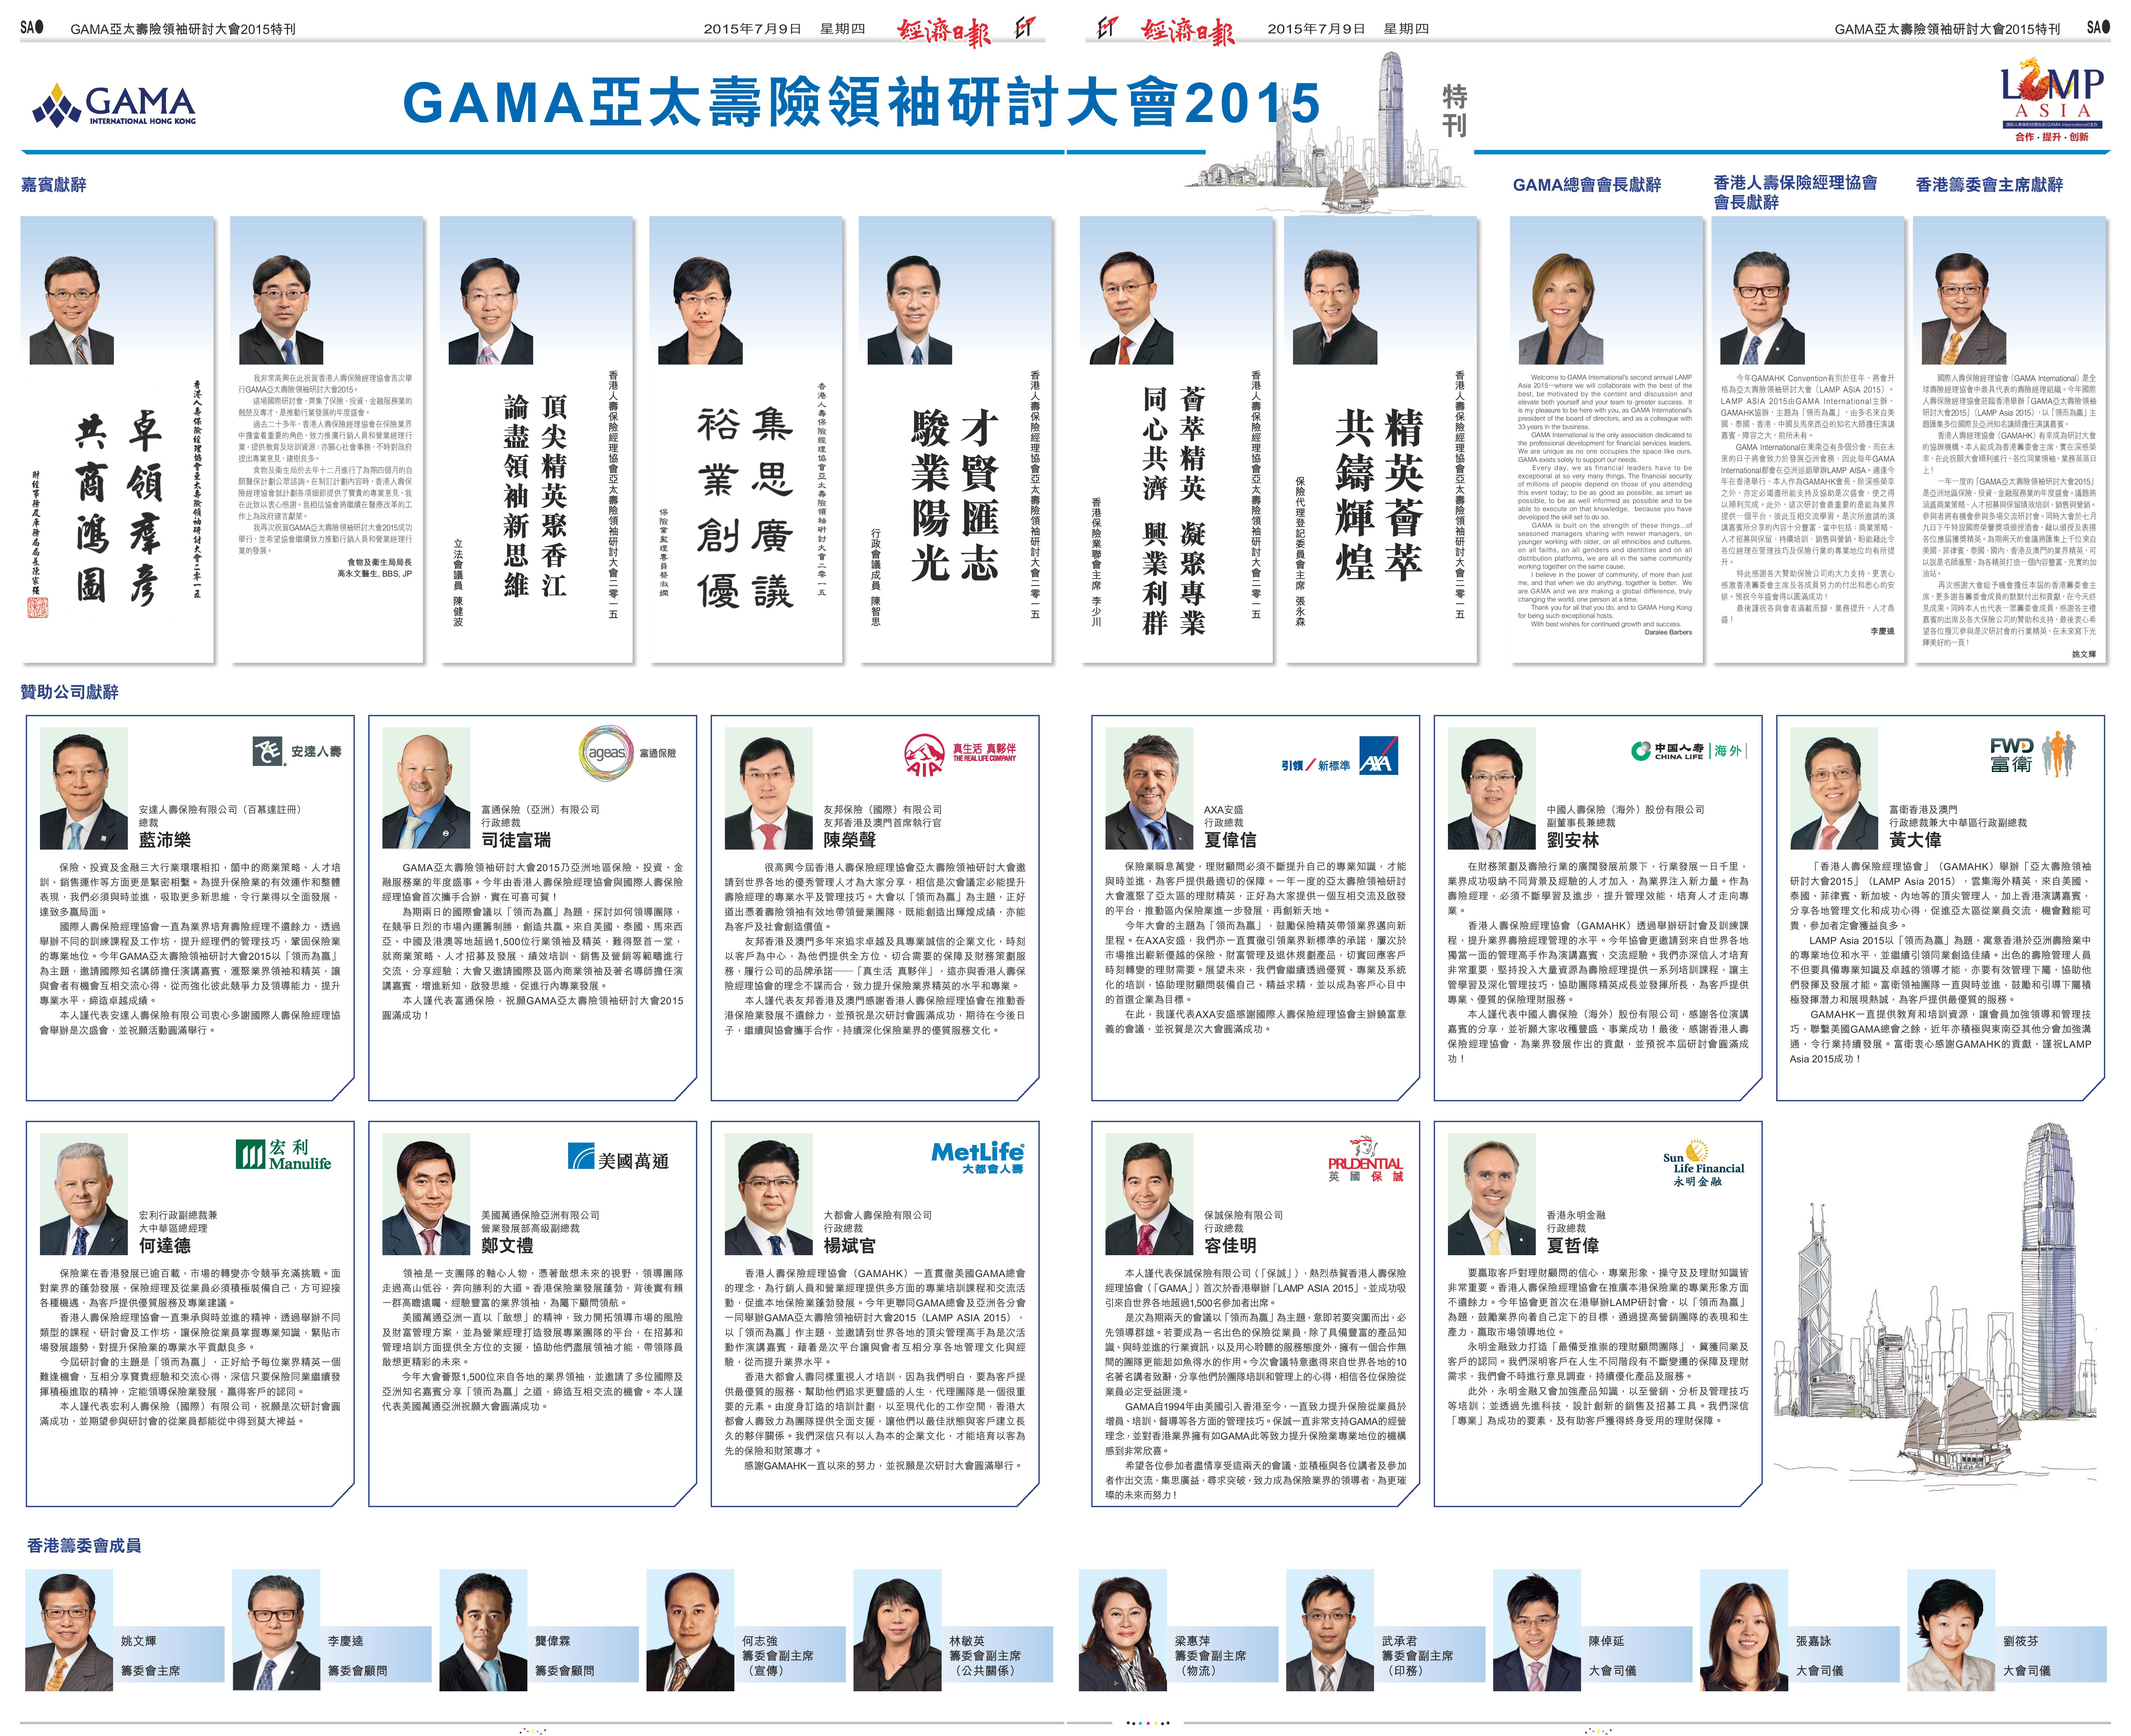 0706_(final)_HKET20150709KAF01_4-page-001